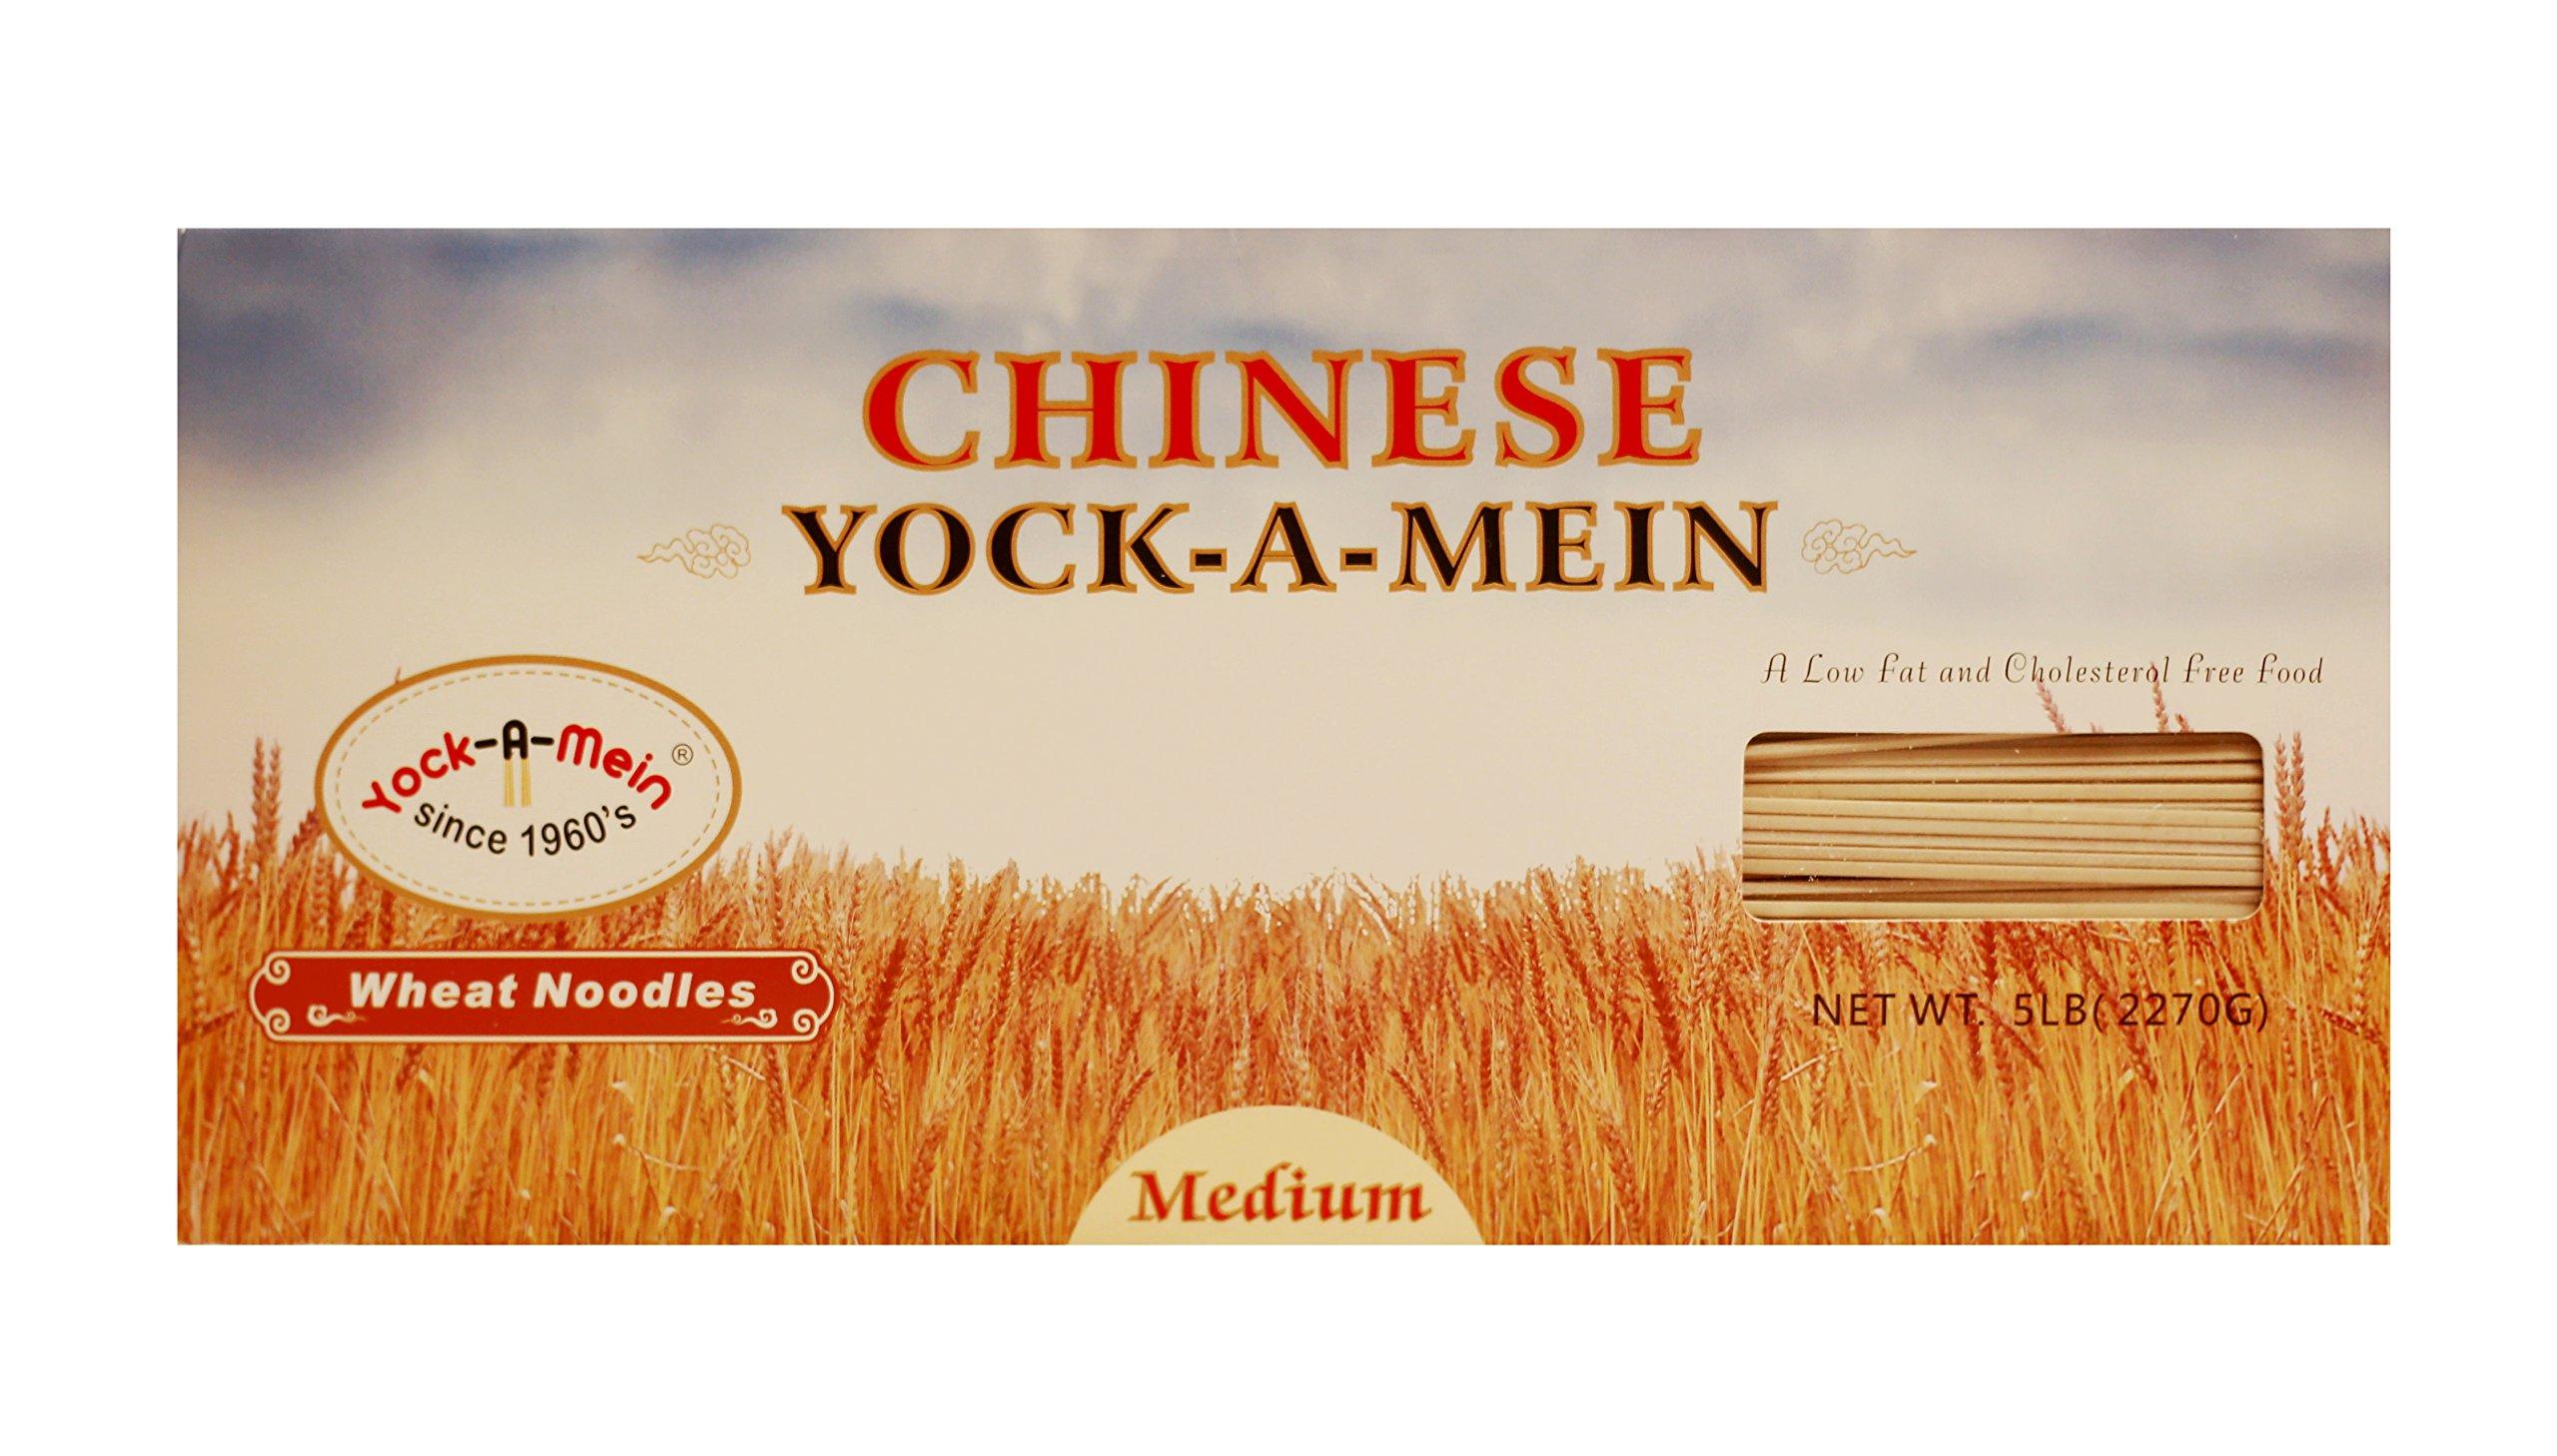 Yo k-A-Mein Medium Wheat Noodles, 5 Pound